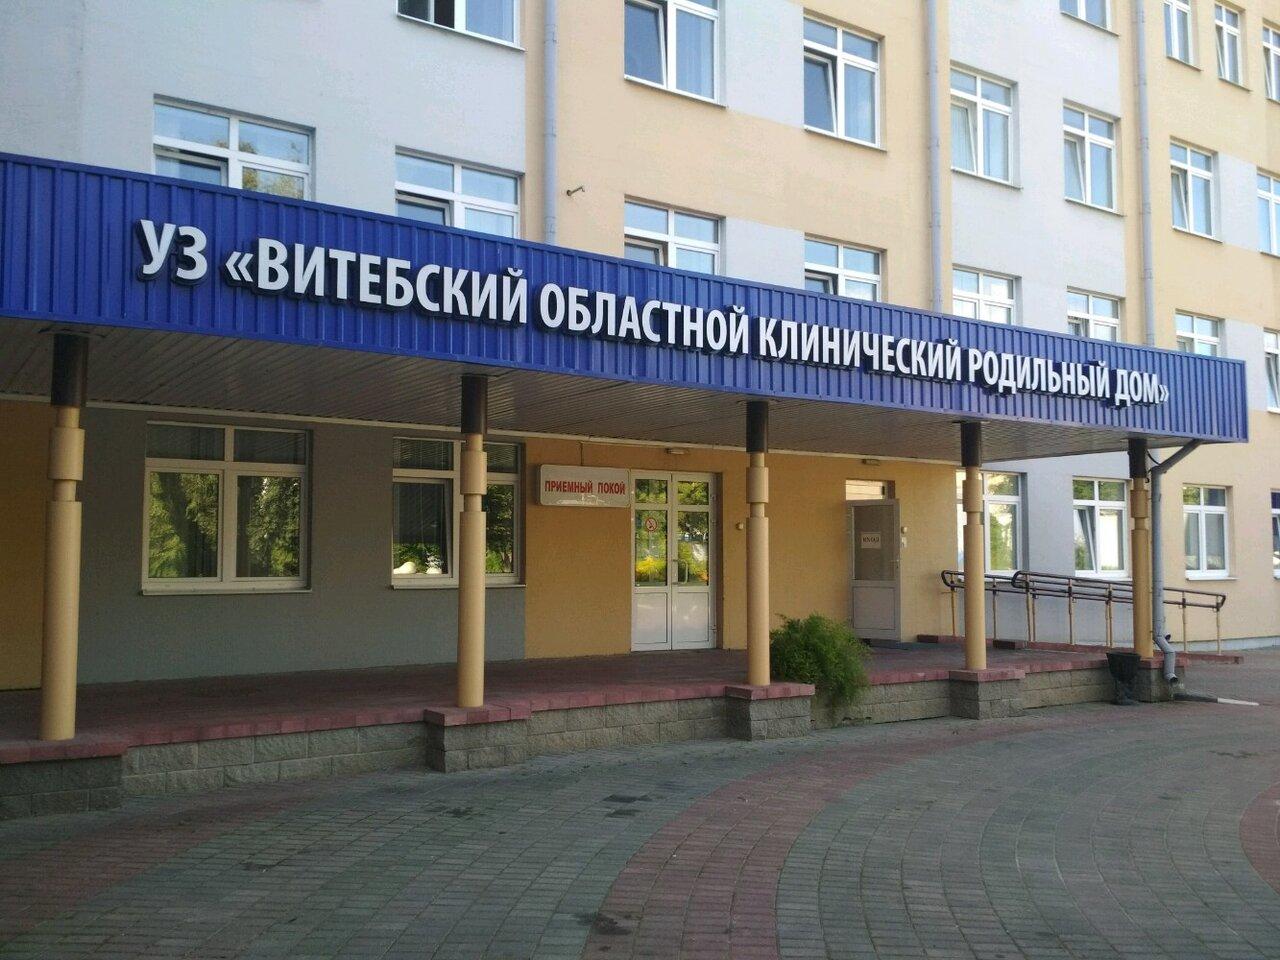 «Все в масках, детей трогать нельзя». В роддоме в Витебске находится половина от всех беременных с коронавирусом в стране